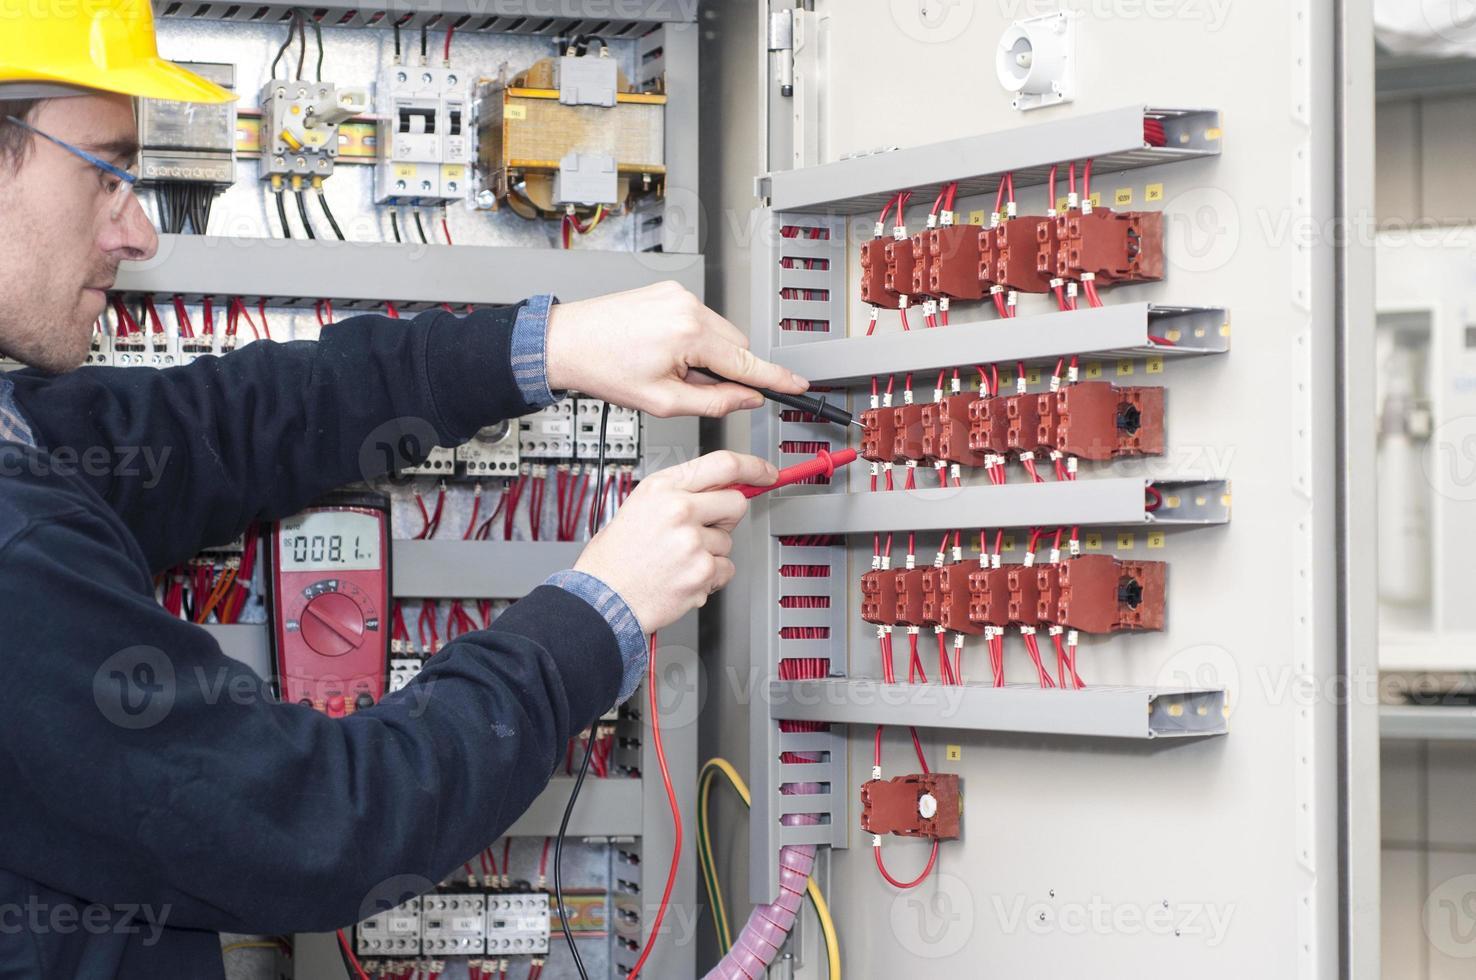 électricien testant une machine industrielle photo